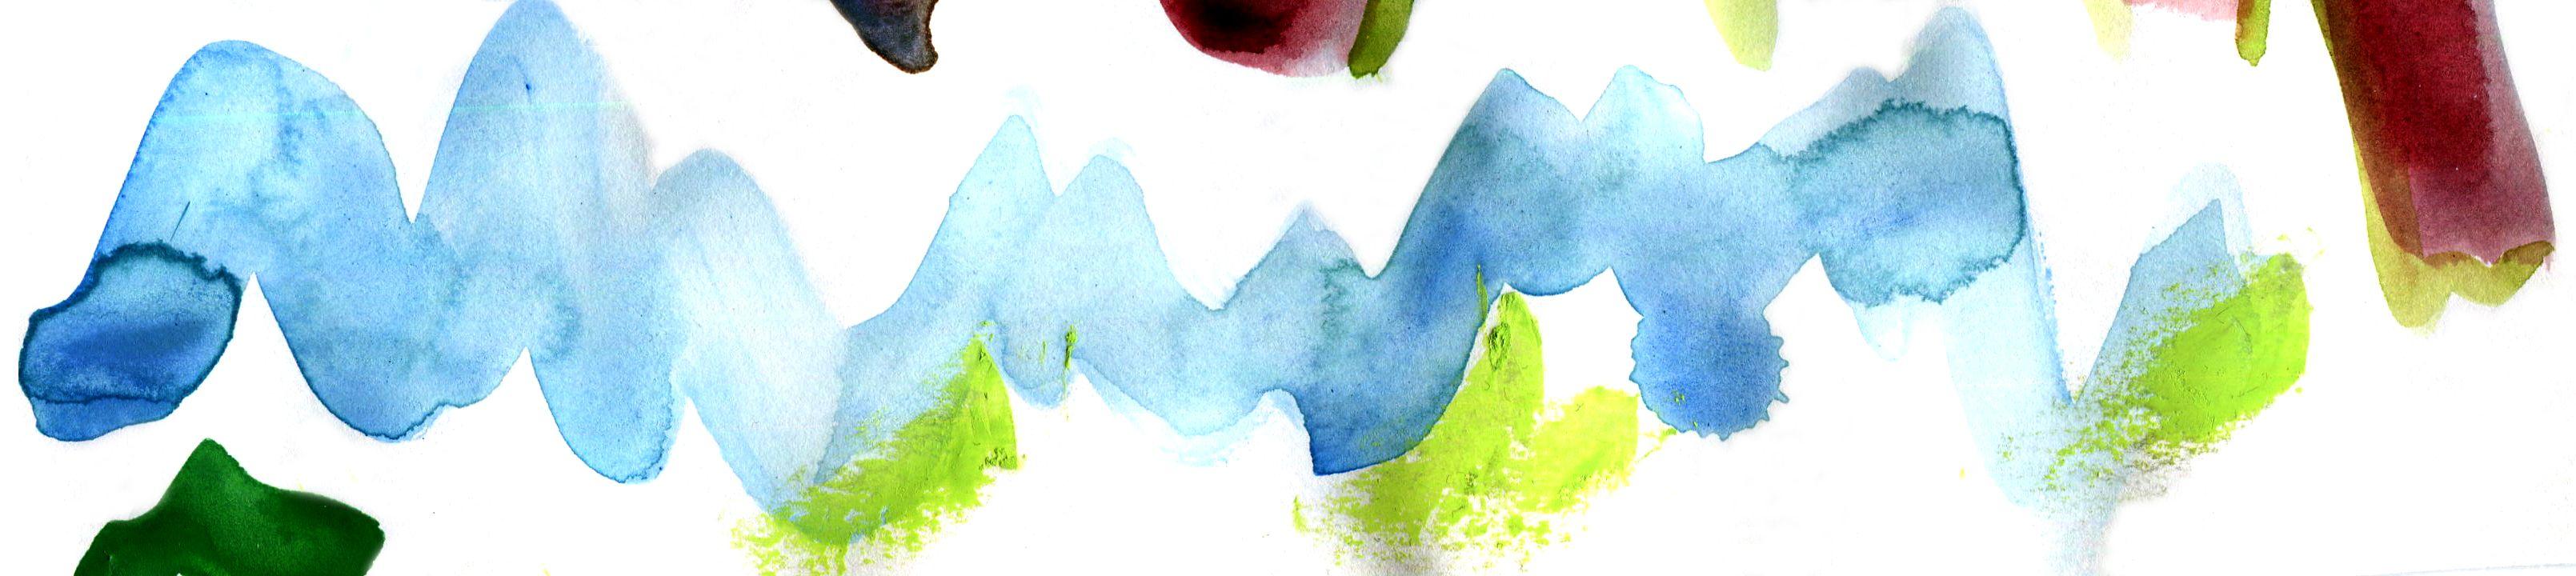 Original Artwork http://www.kmjcdesigns.com